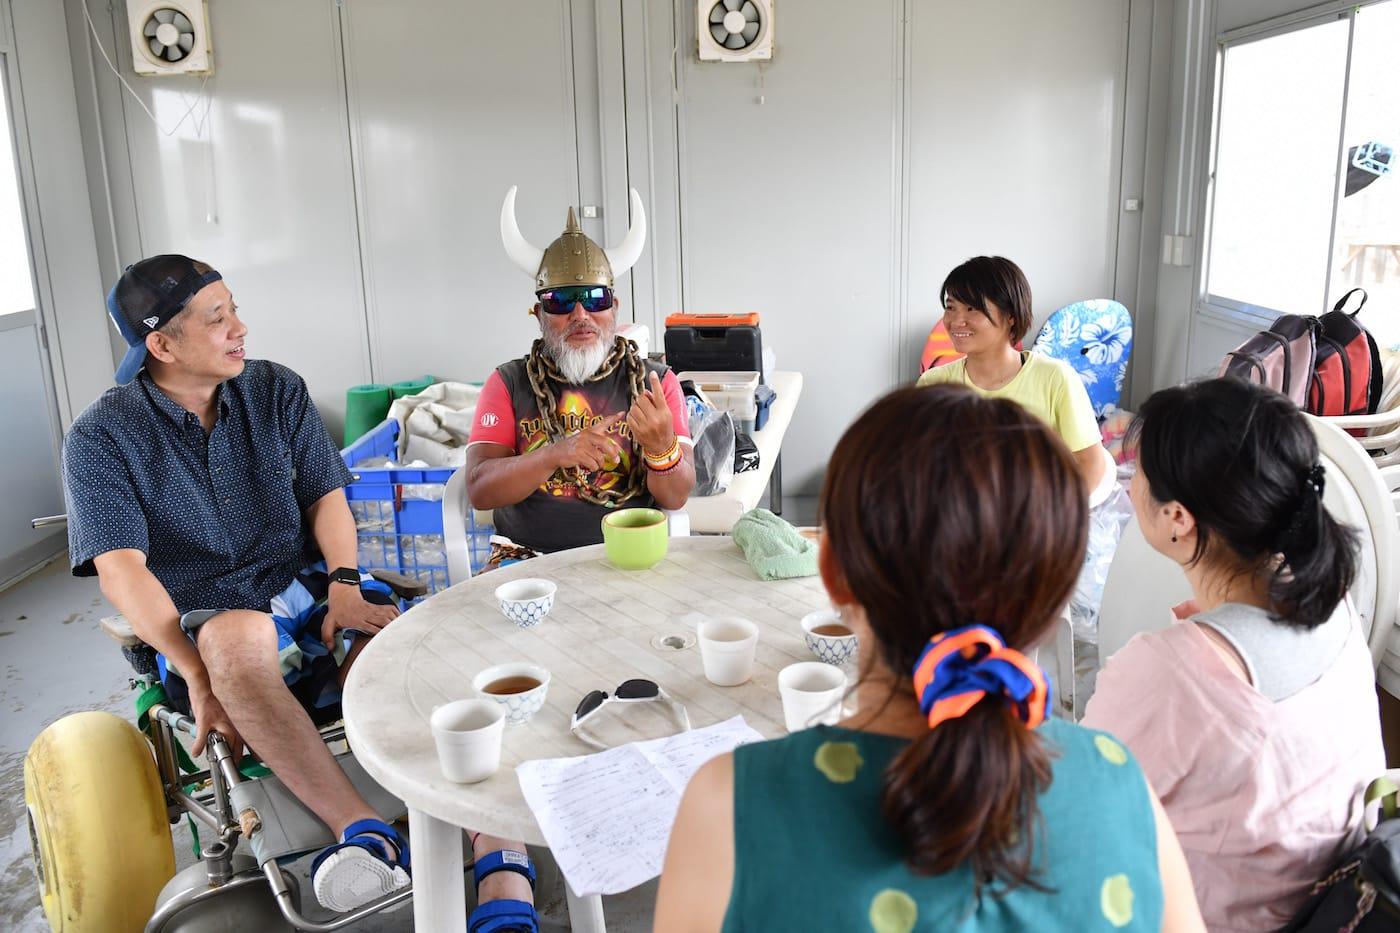 意見交換するジーコ船長とACTIONS編集部のメンバー